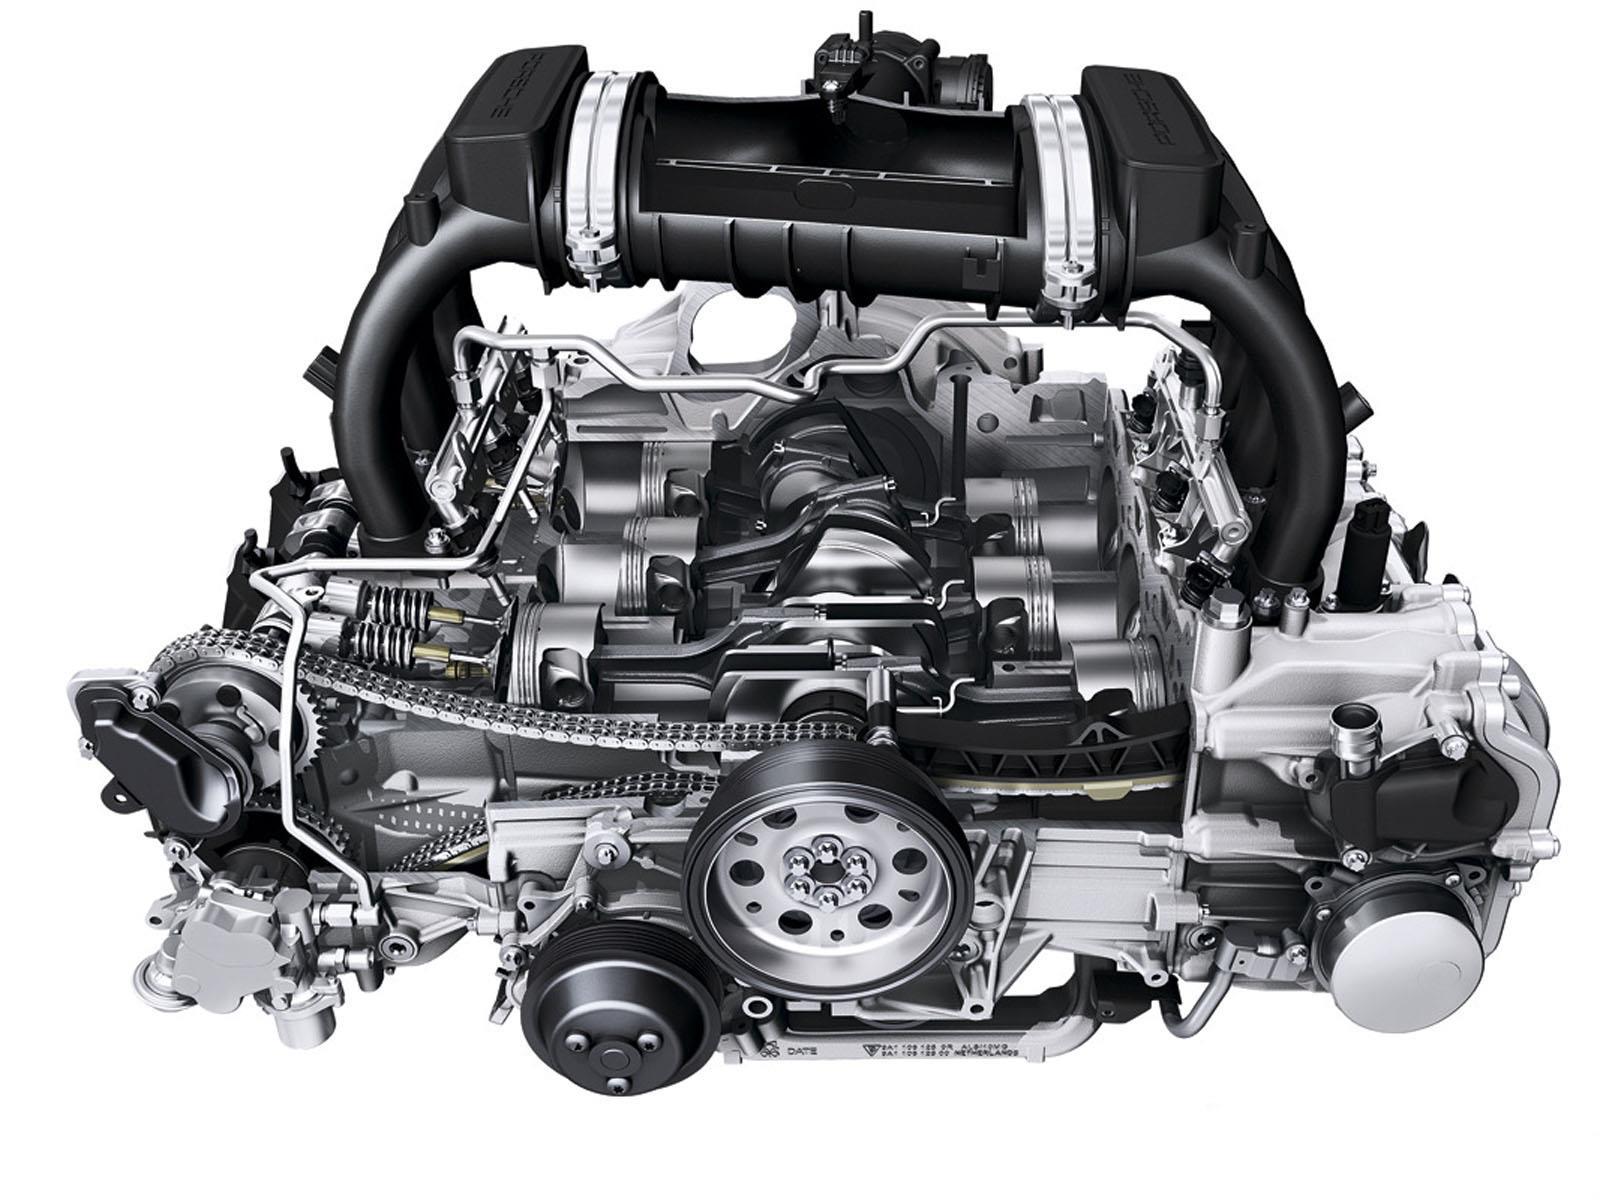 Motor de los autos usados